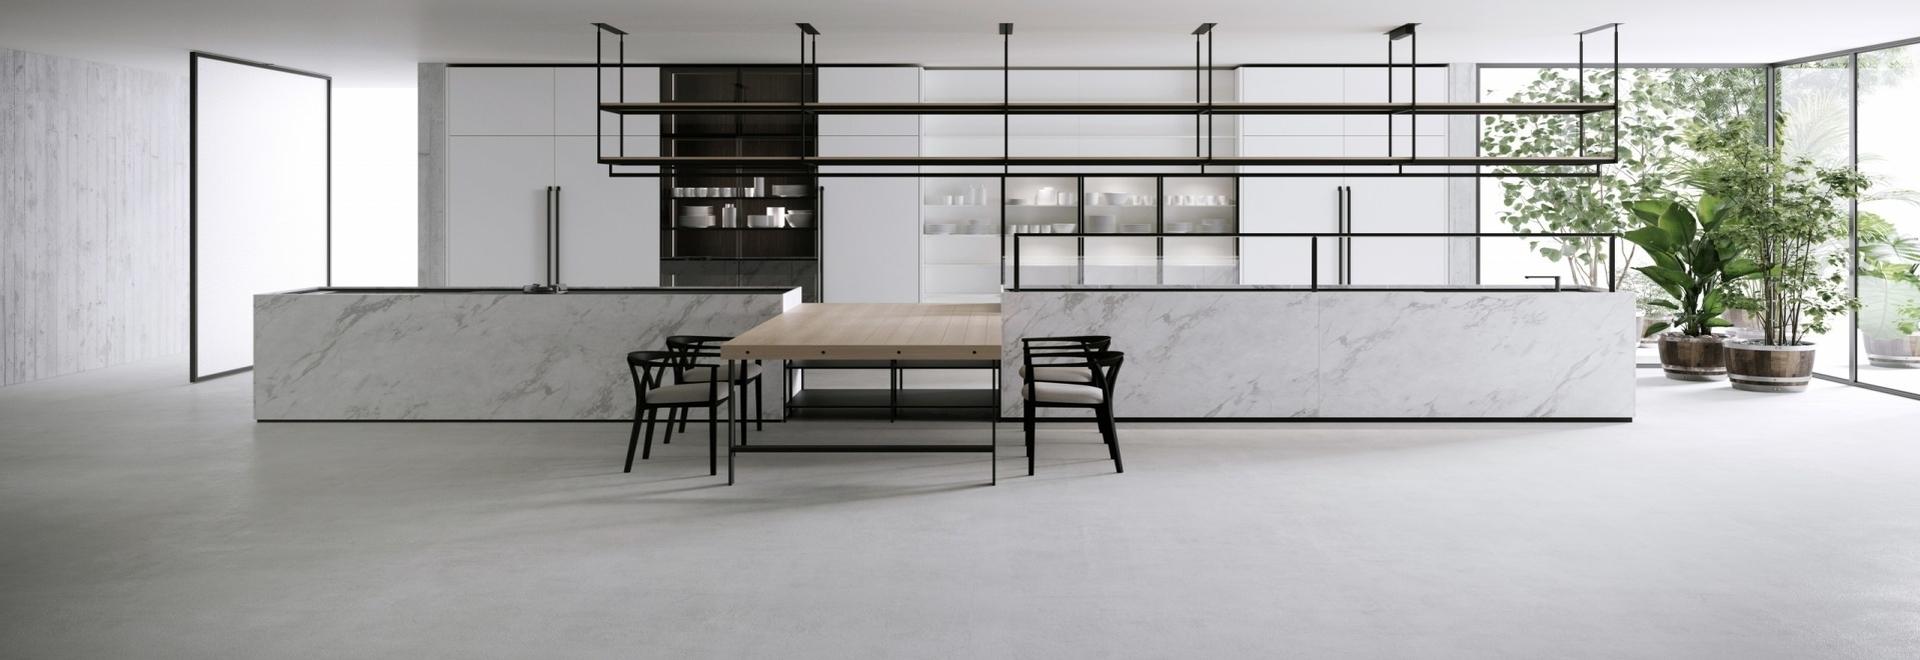 L'ultimo sistema di cucina e pranzo di Boffi chiamato Combine, disegnato da Pierro Lissoni.